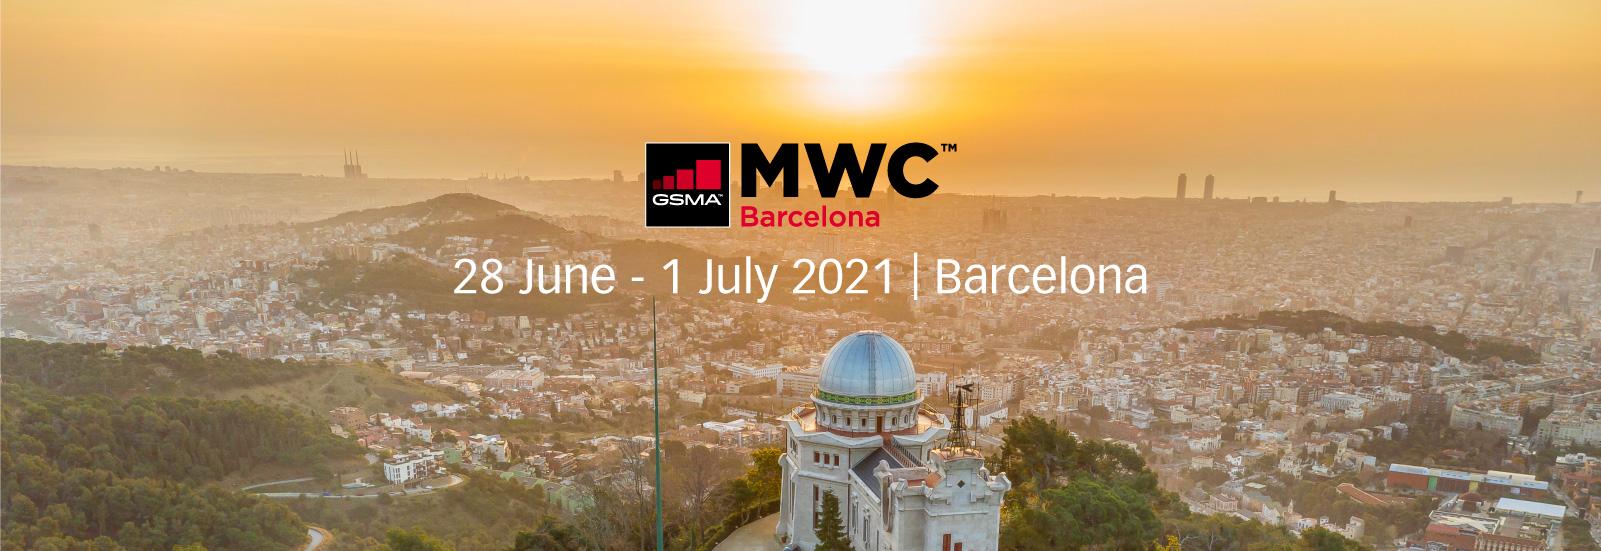 ProgressSoft auf der MWC 2021 Barcelona